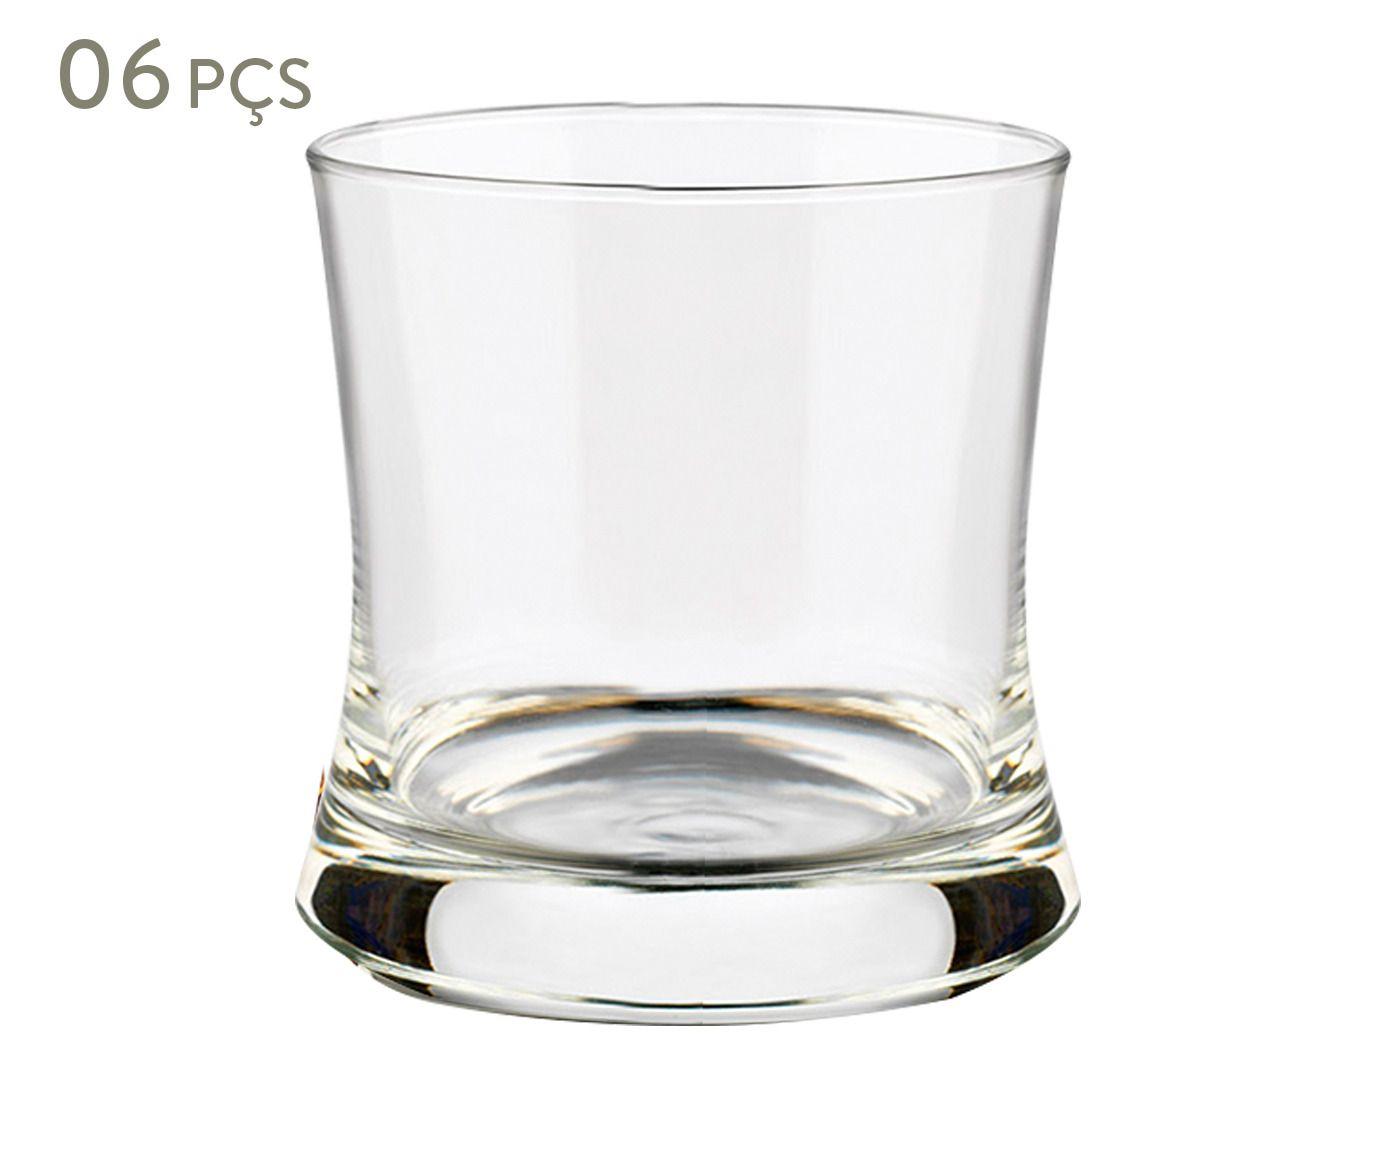 Conjunto de copos malibu rocks - libbey | Westwing.com.br